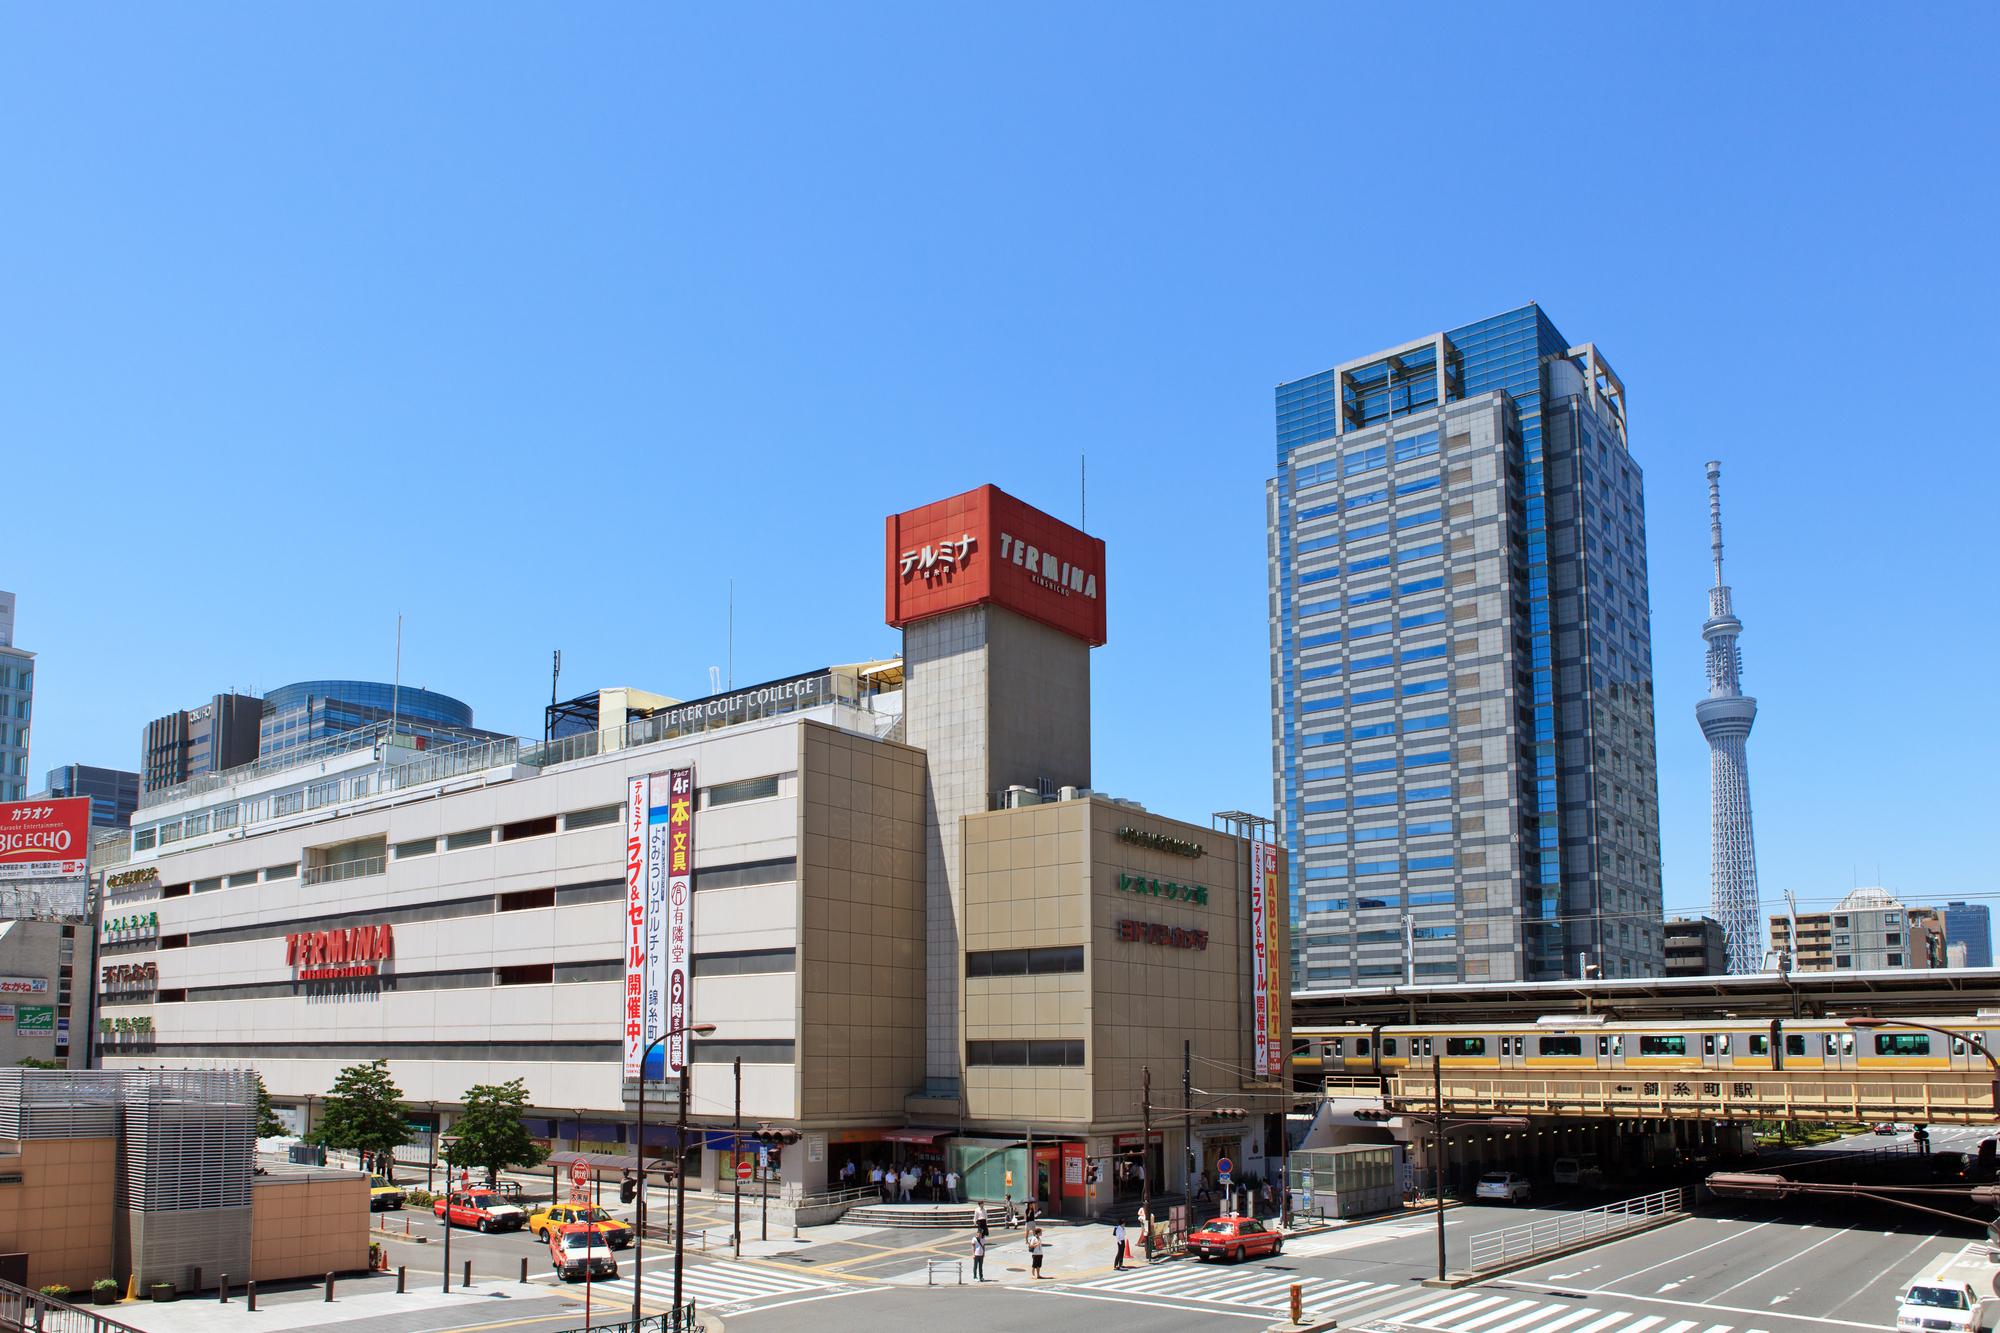 親知らずが痛い!錦糸町駅近くにある歯医者5院のおすすめポイント